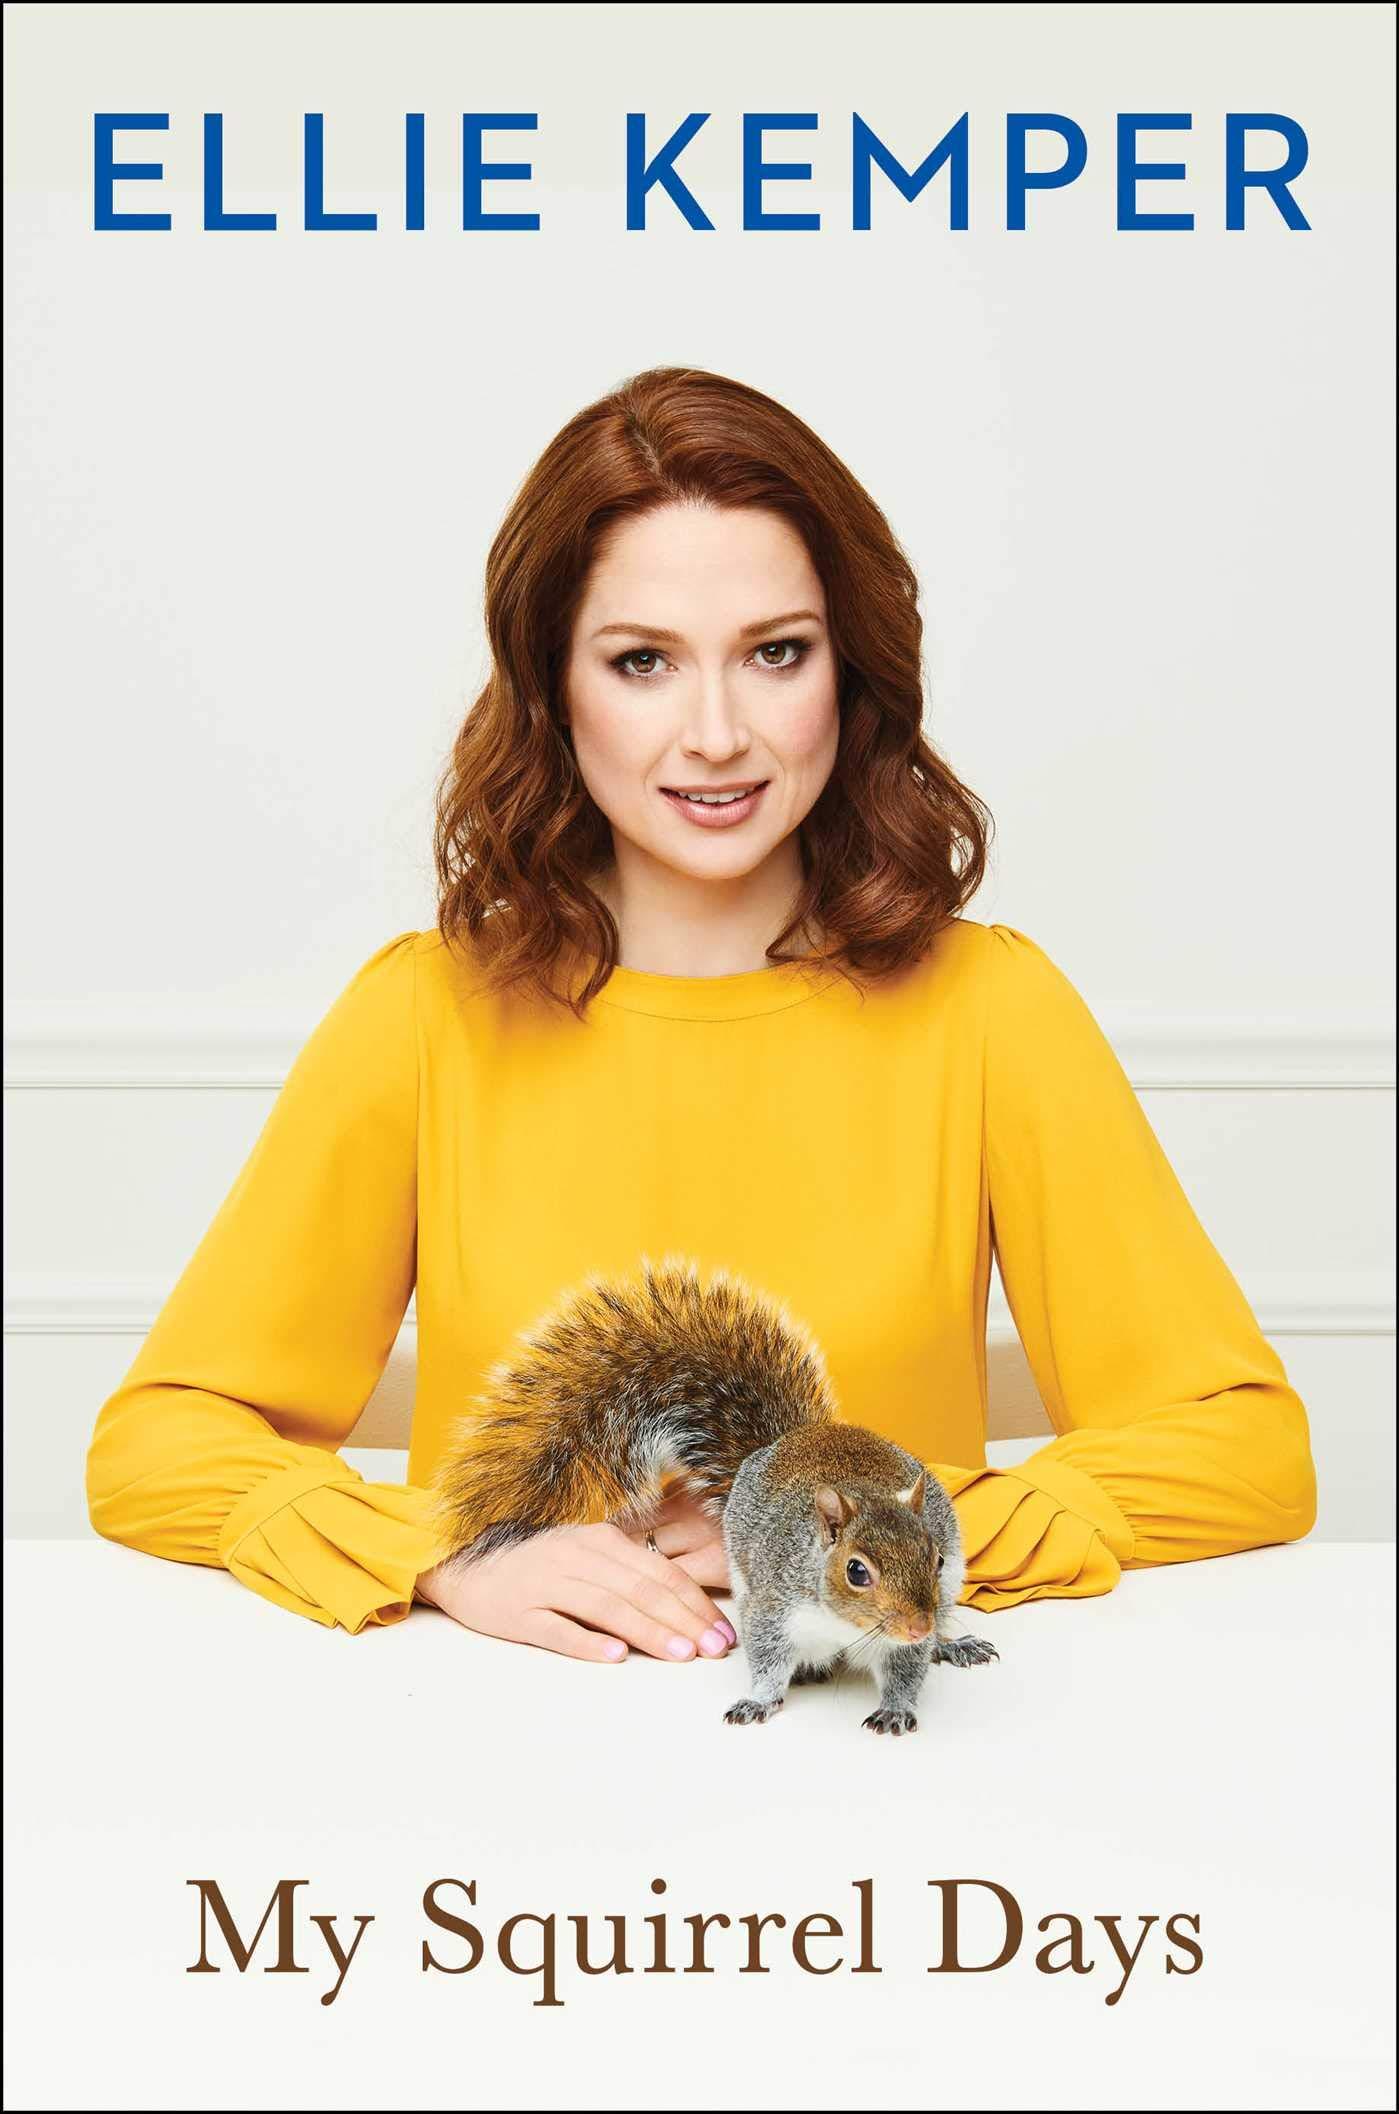 ellie kemper book my squirrel days buy online